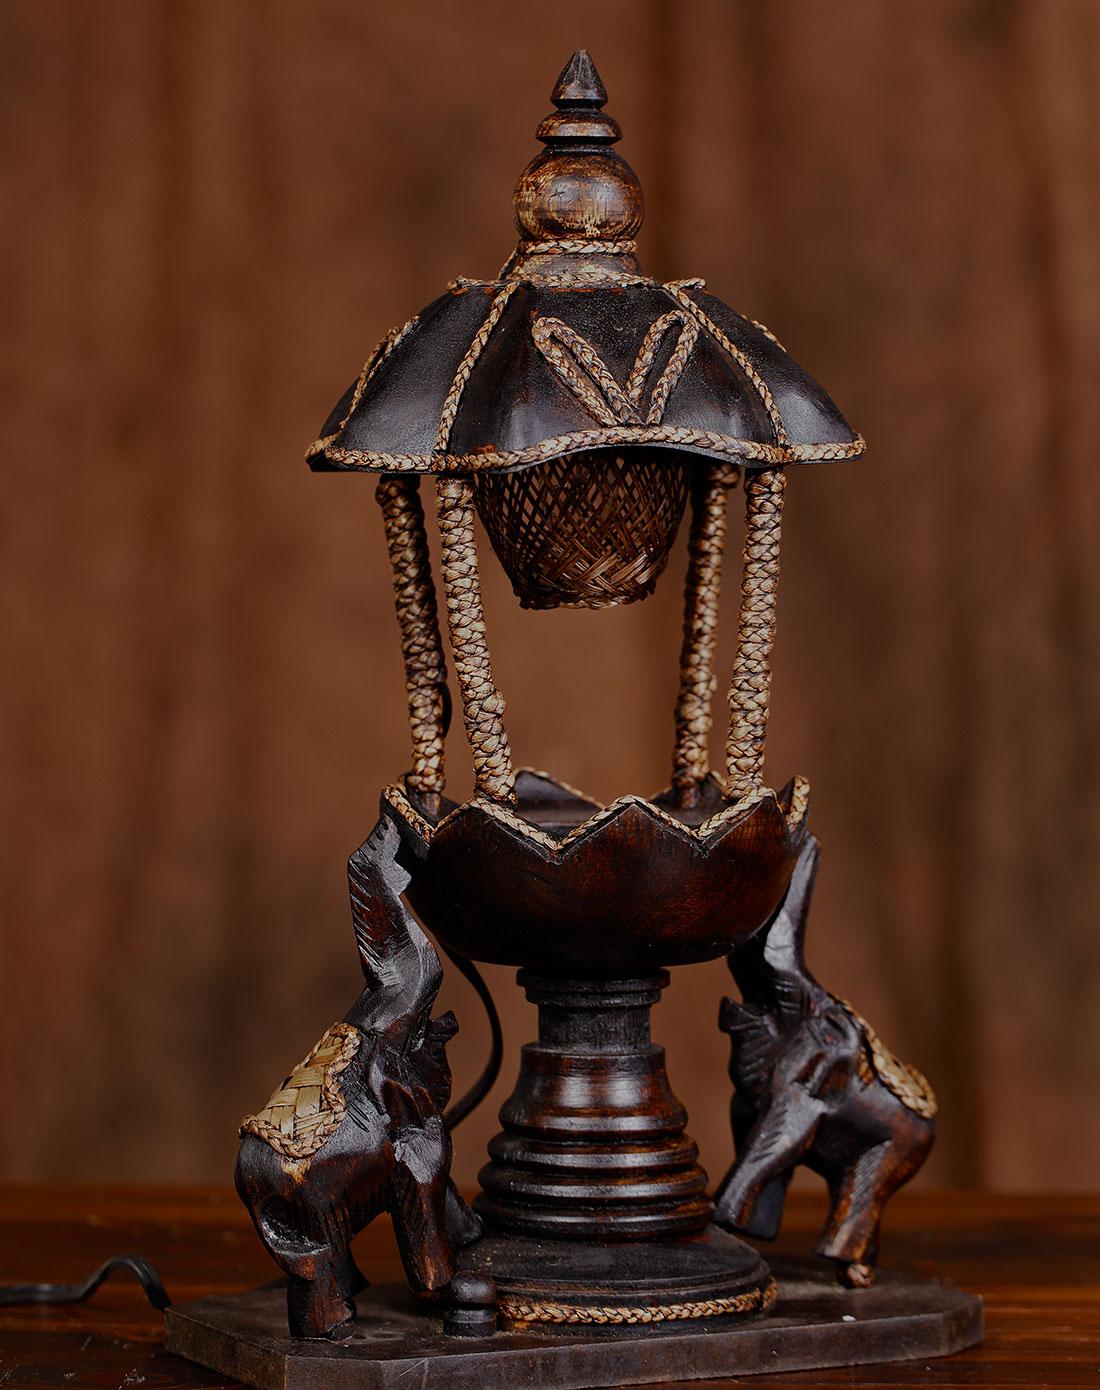 【泰国进口】手工制作大象灯